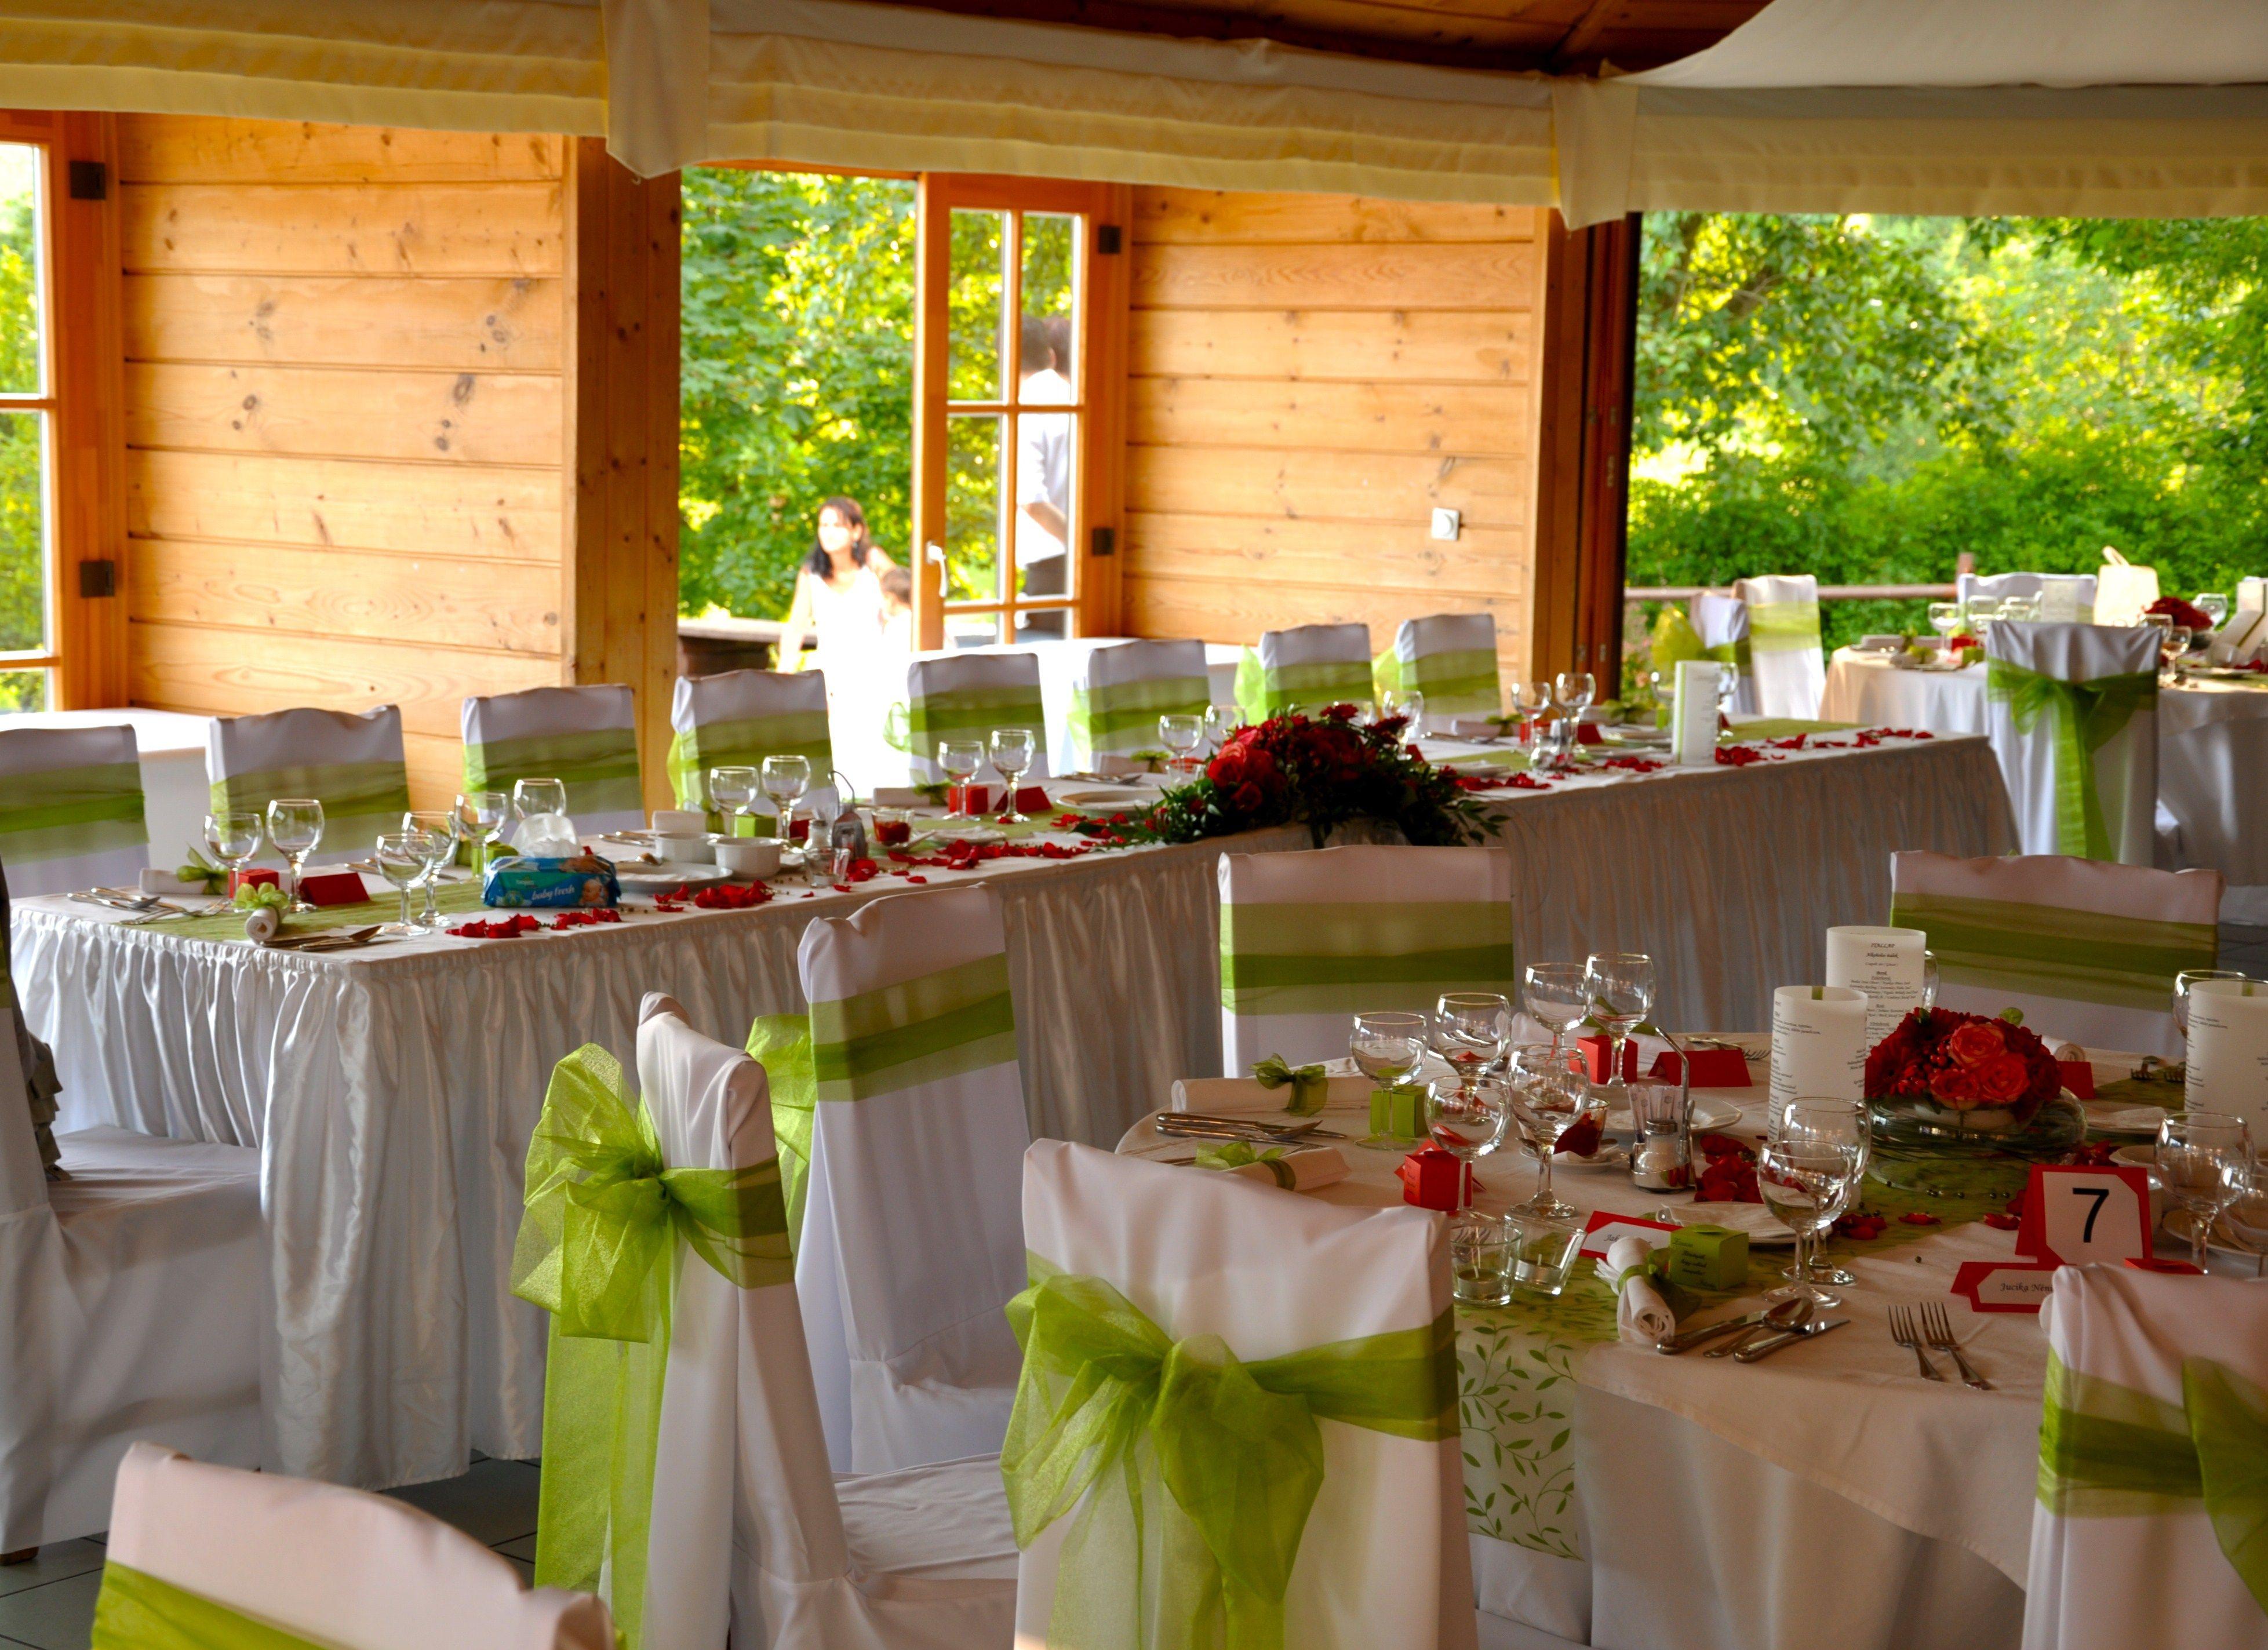 Zöld és rózsaszín esküvői dekoráció székszoknyával - Green and pink wedding decoration with chaircover